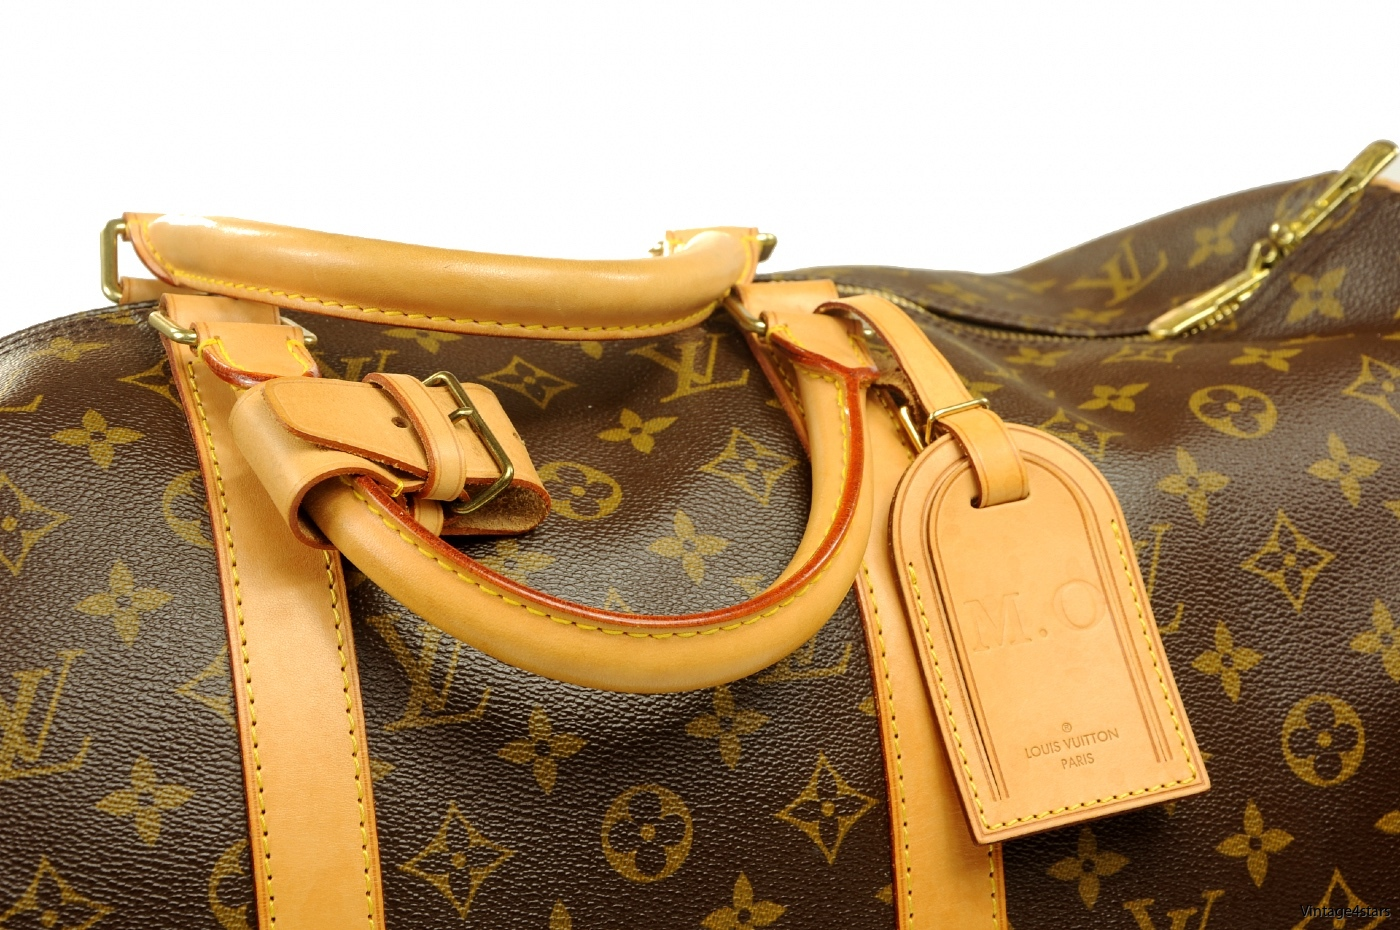 Louis Vuitton Keepall 50 6-3